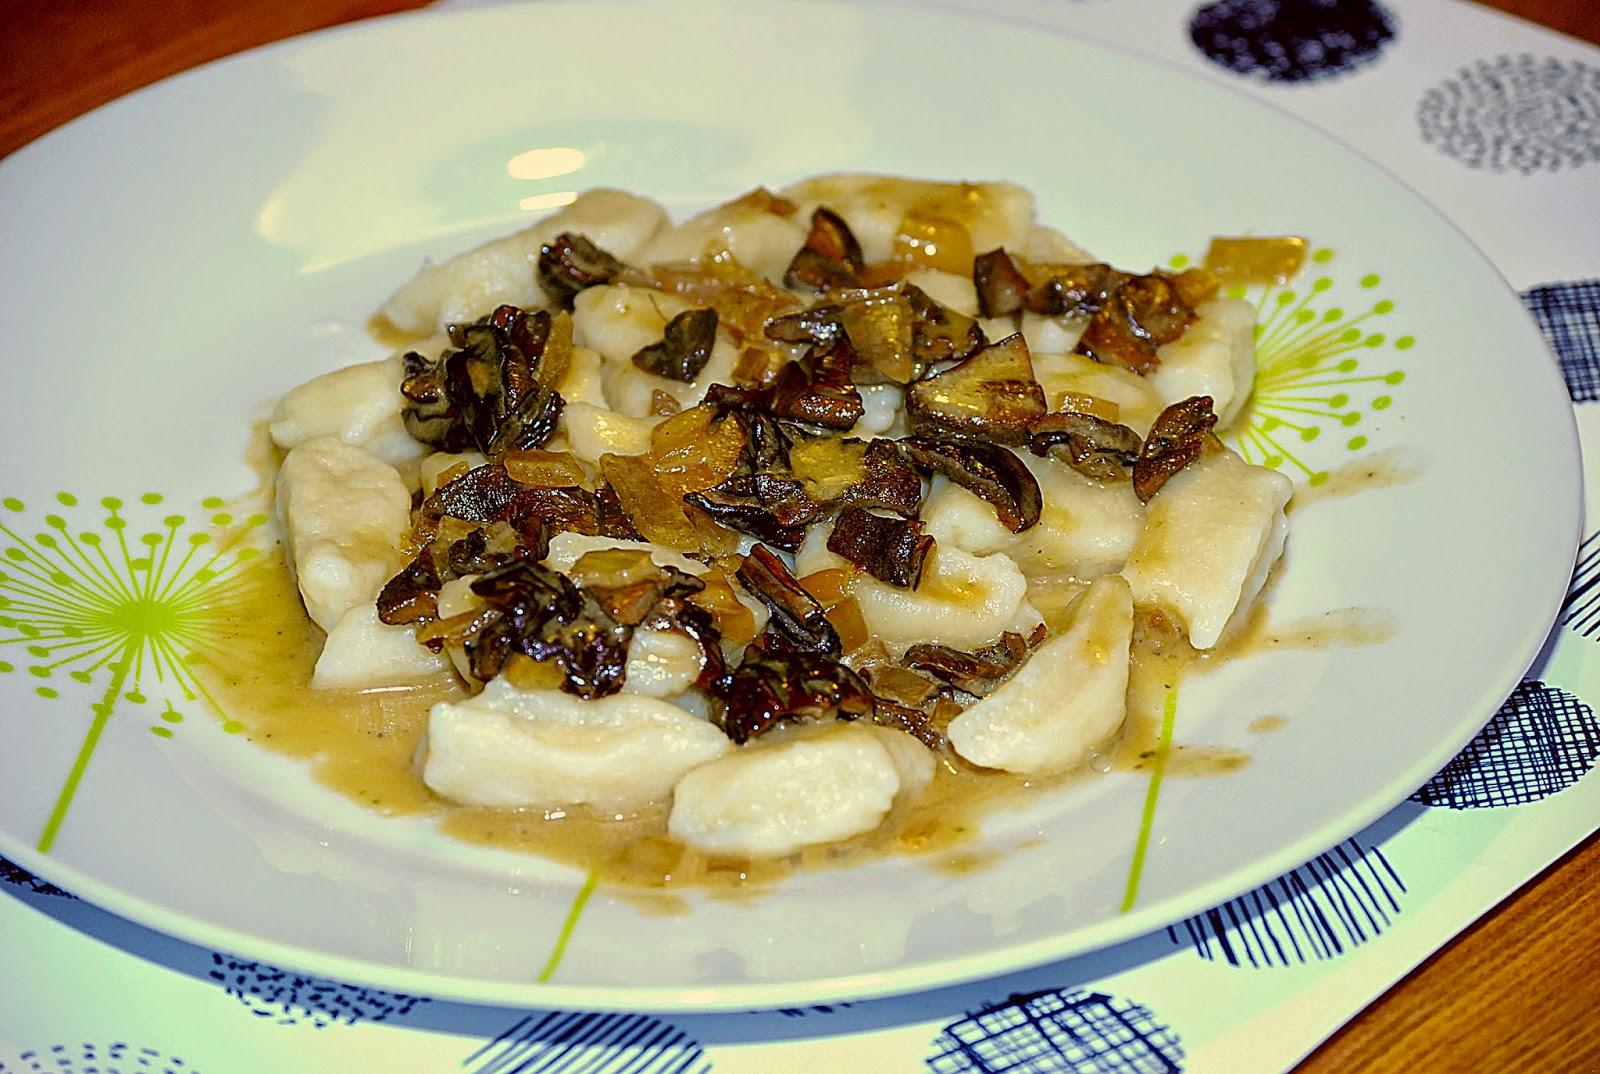 http://lunchkobietka.blogspot.co.uk/2014/12/kopytka-z-sosem-grzybowym-z-suszonych.html